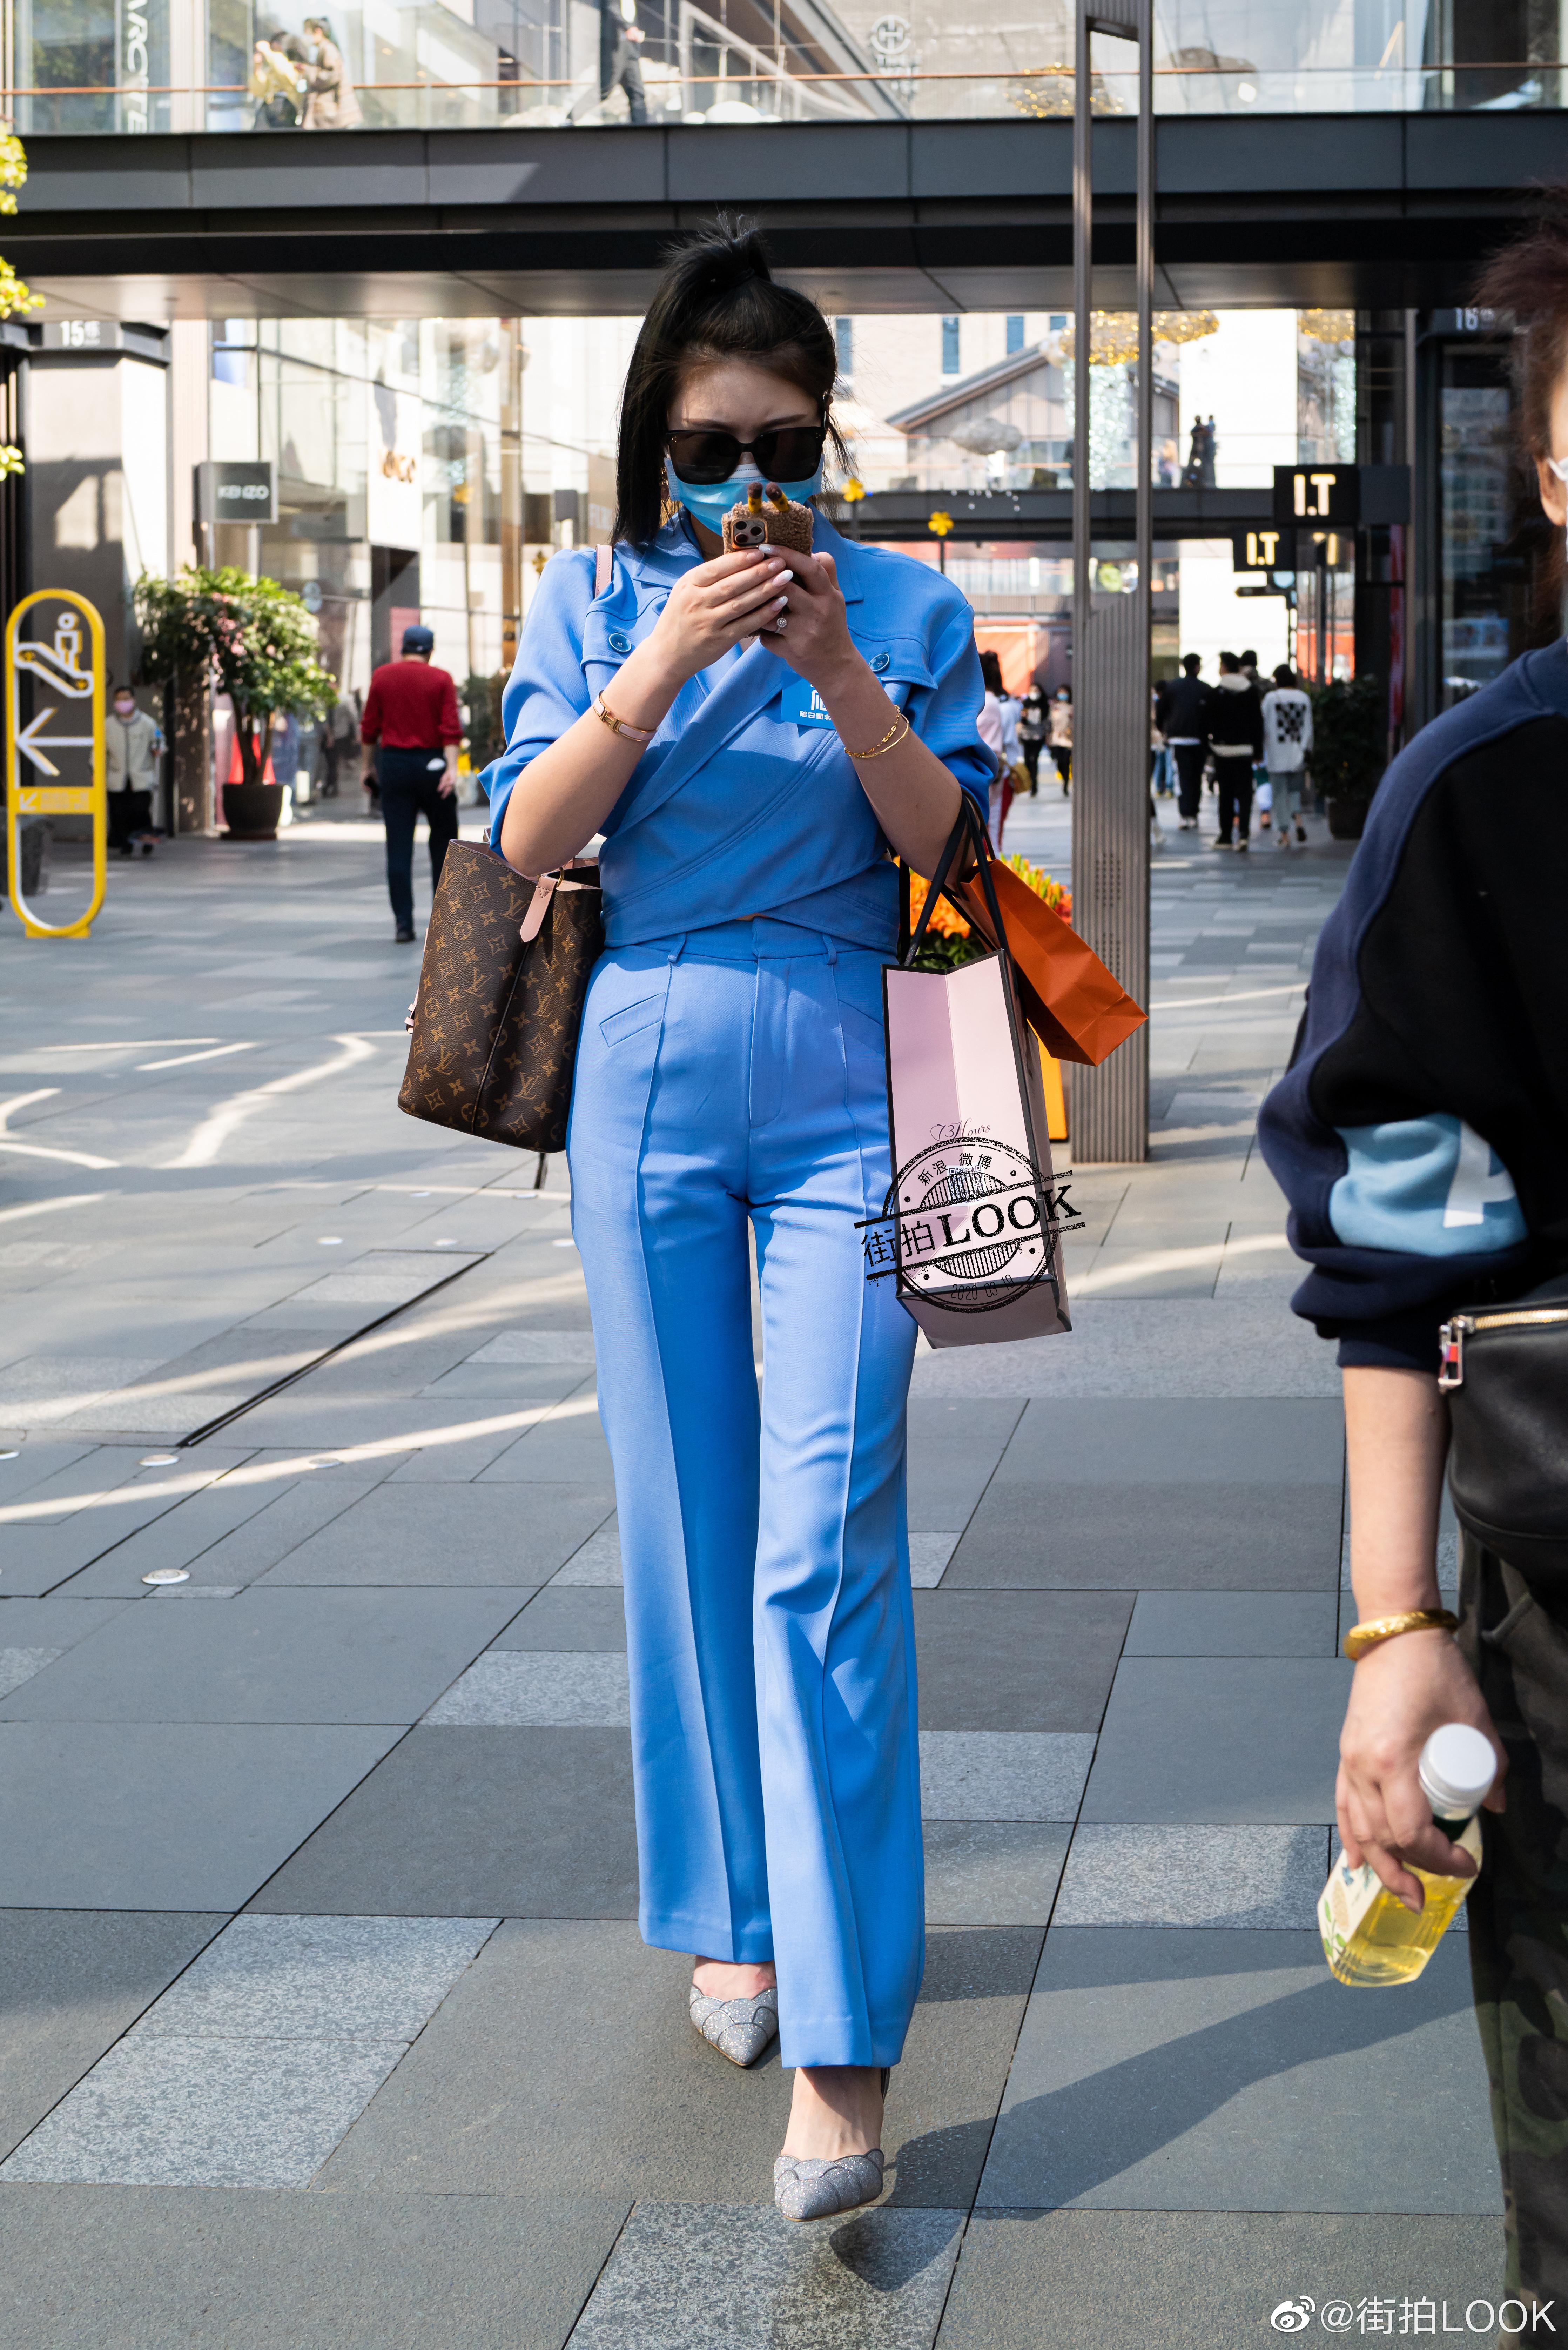 公主日记漂亮的蓝色